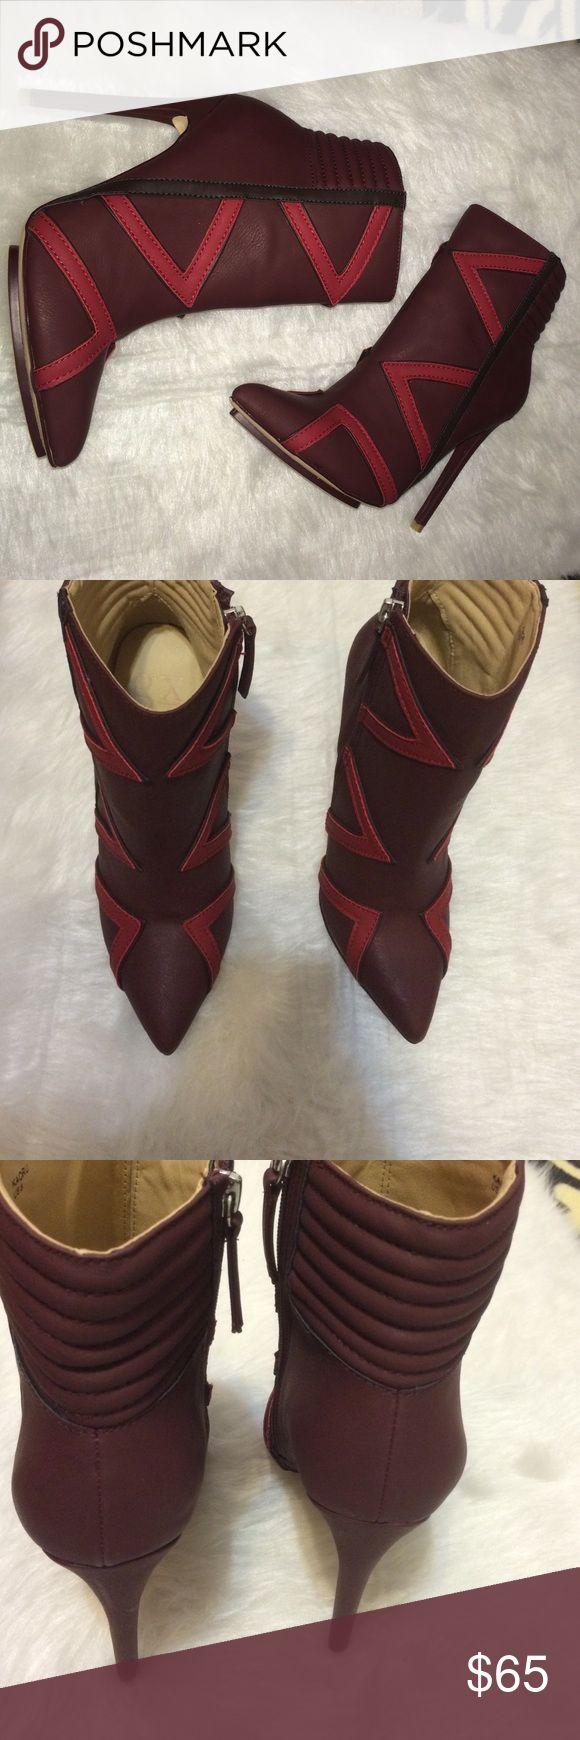 Gwen Stefani booties heels women's shoes Brand new GX by Gwen Stefani Shoes Heels